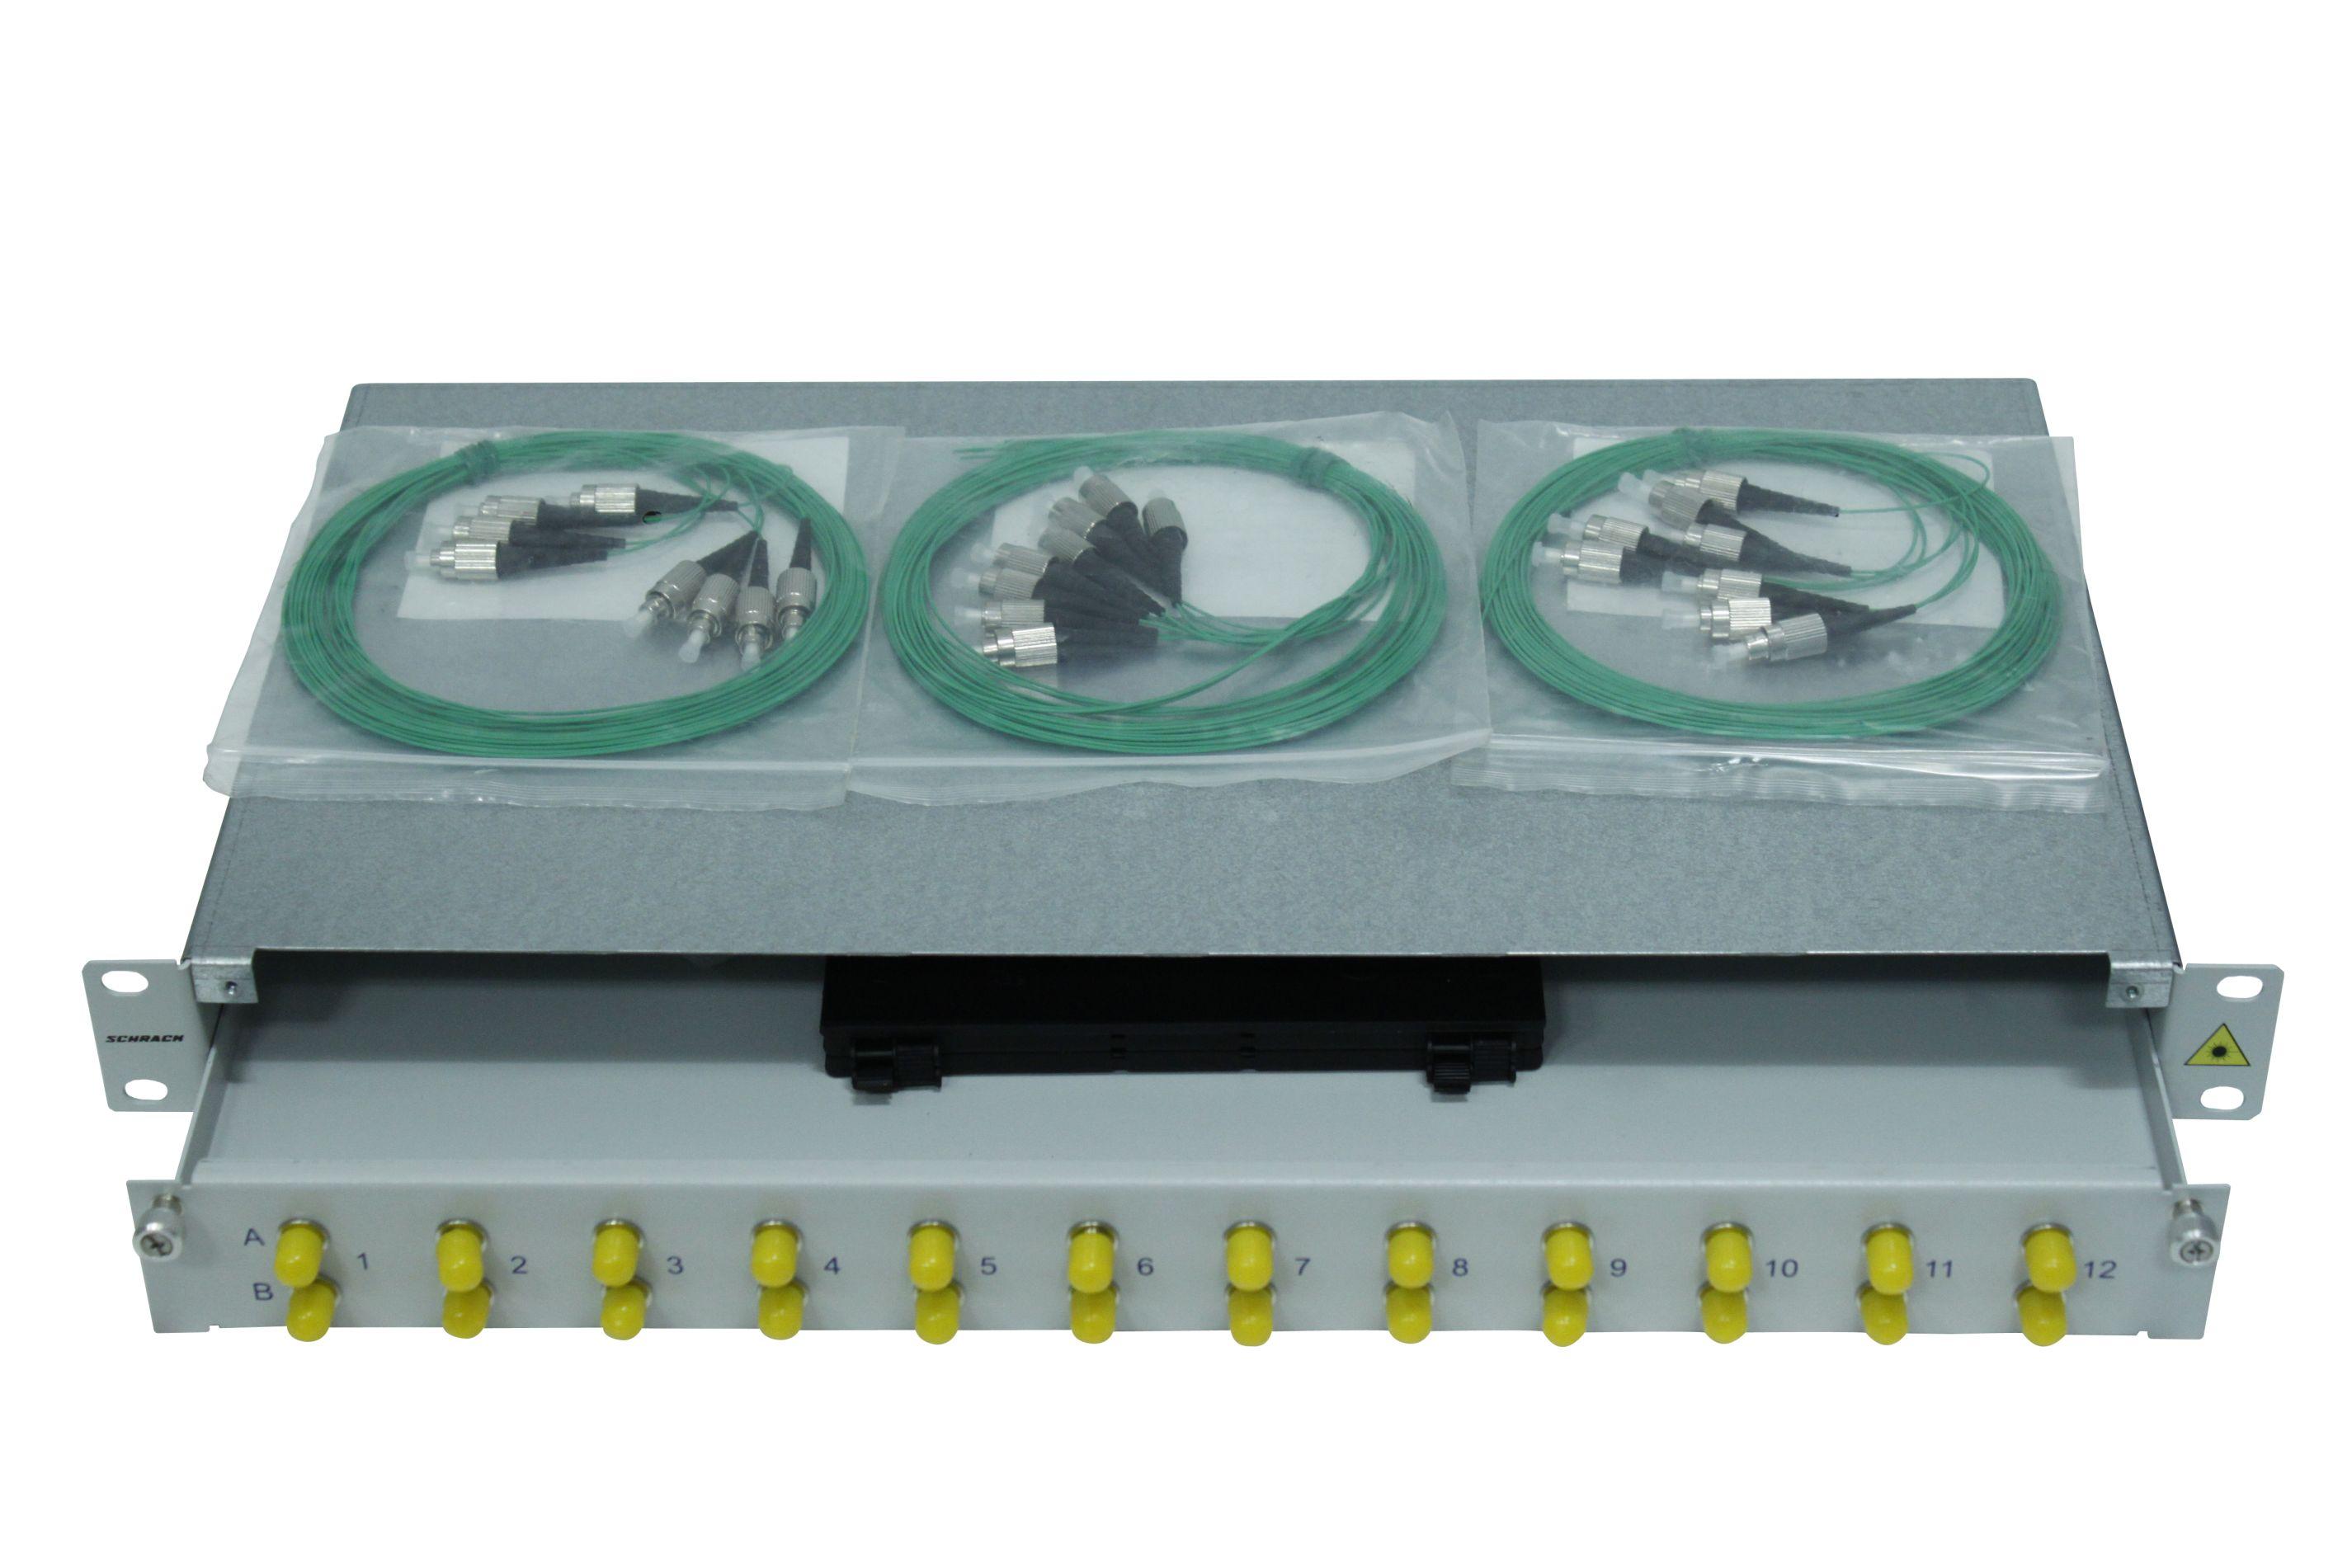 1 Stk LWL Spleißbox,16Fasern,FC,50/125µm OM2, ausziehbar,19,1HE HSELS165FG